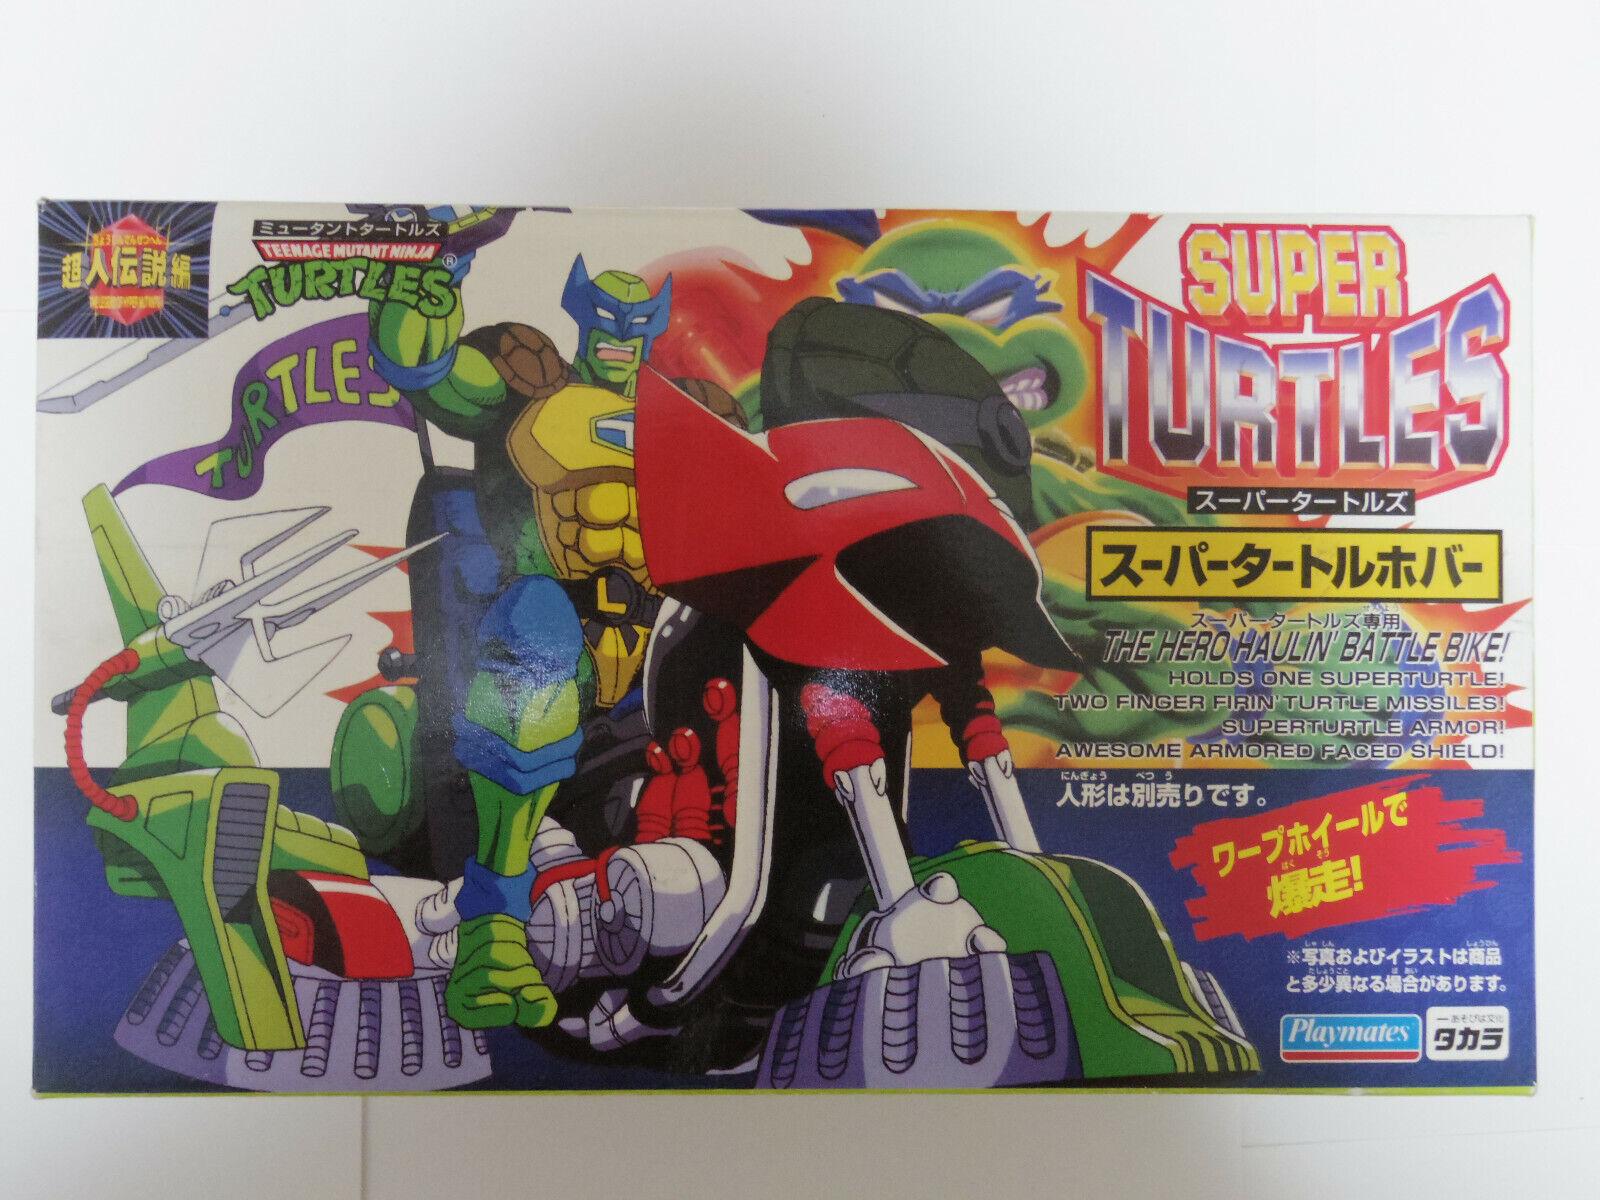 NIB Teenage Mutant Ninja Turtles Super battle Fahrrad Playmates Takara 1995 Japan